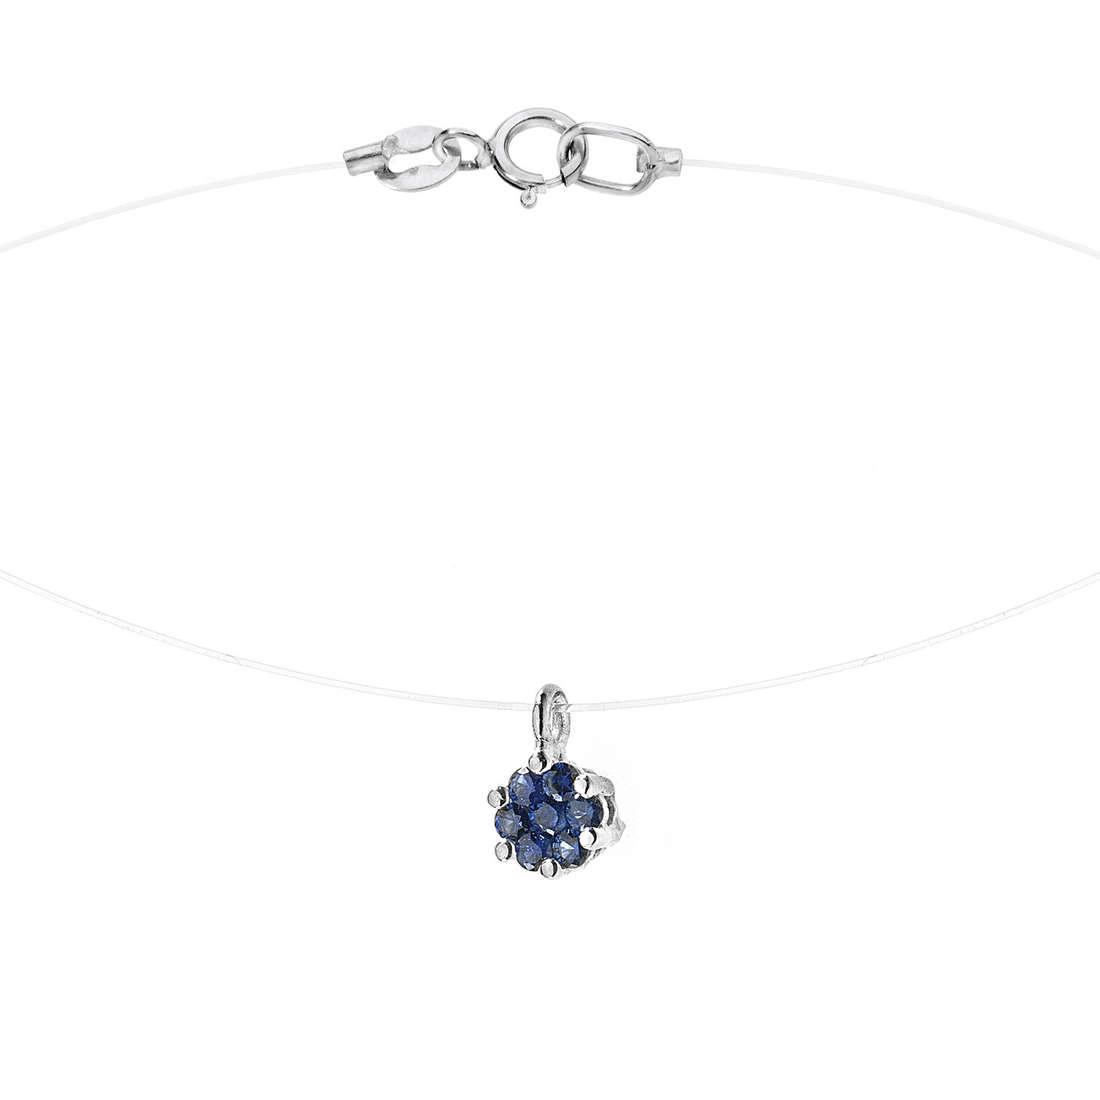 collana donna gioielli Comete Pietre preziose colorate GLB 873